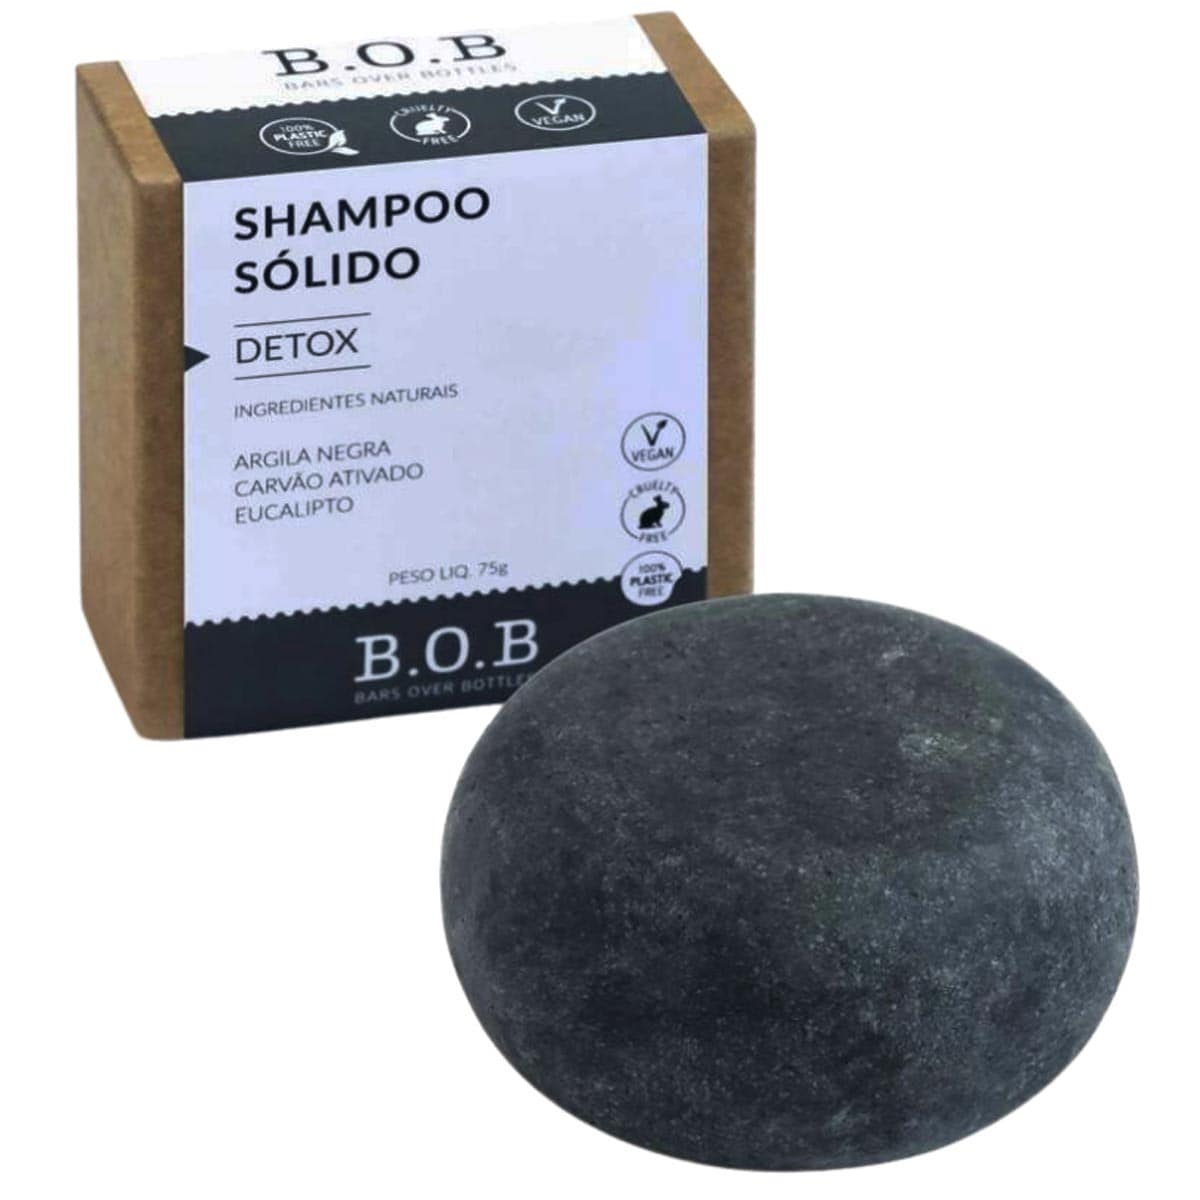 Shampoo solido detox 75g - B.O.B